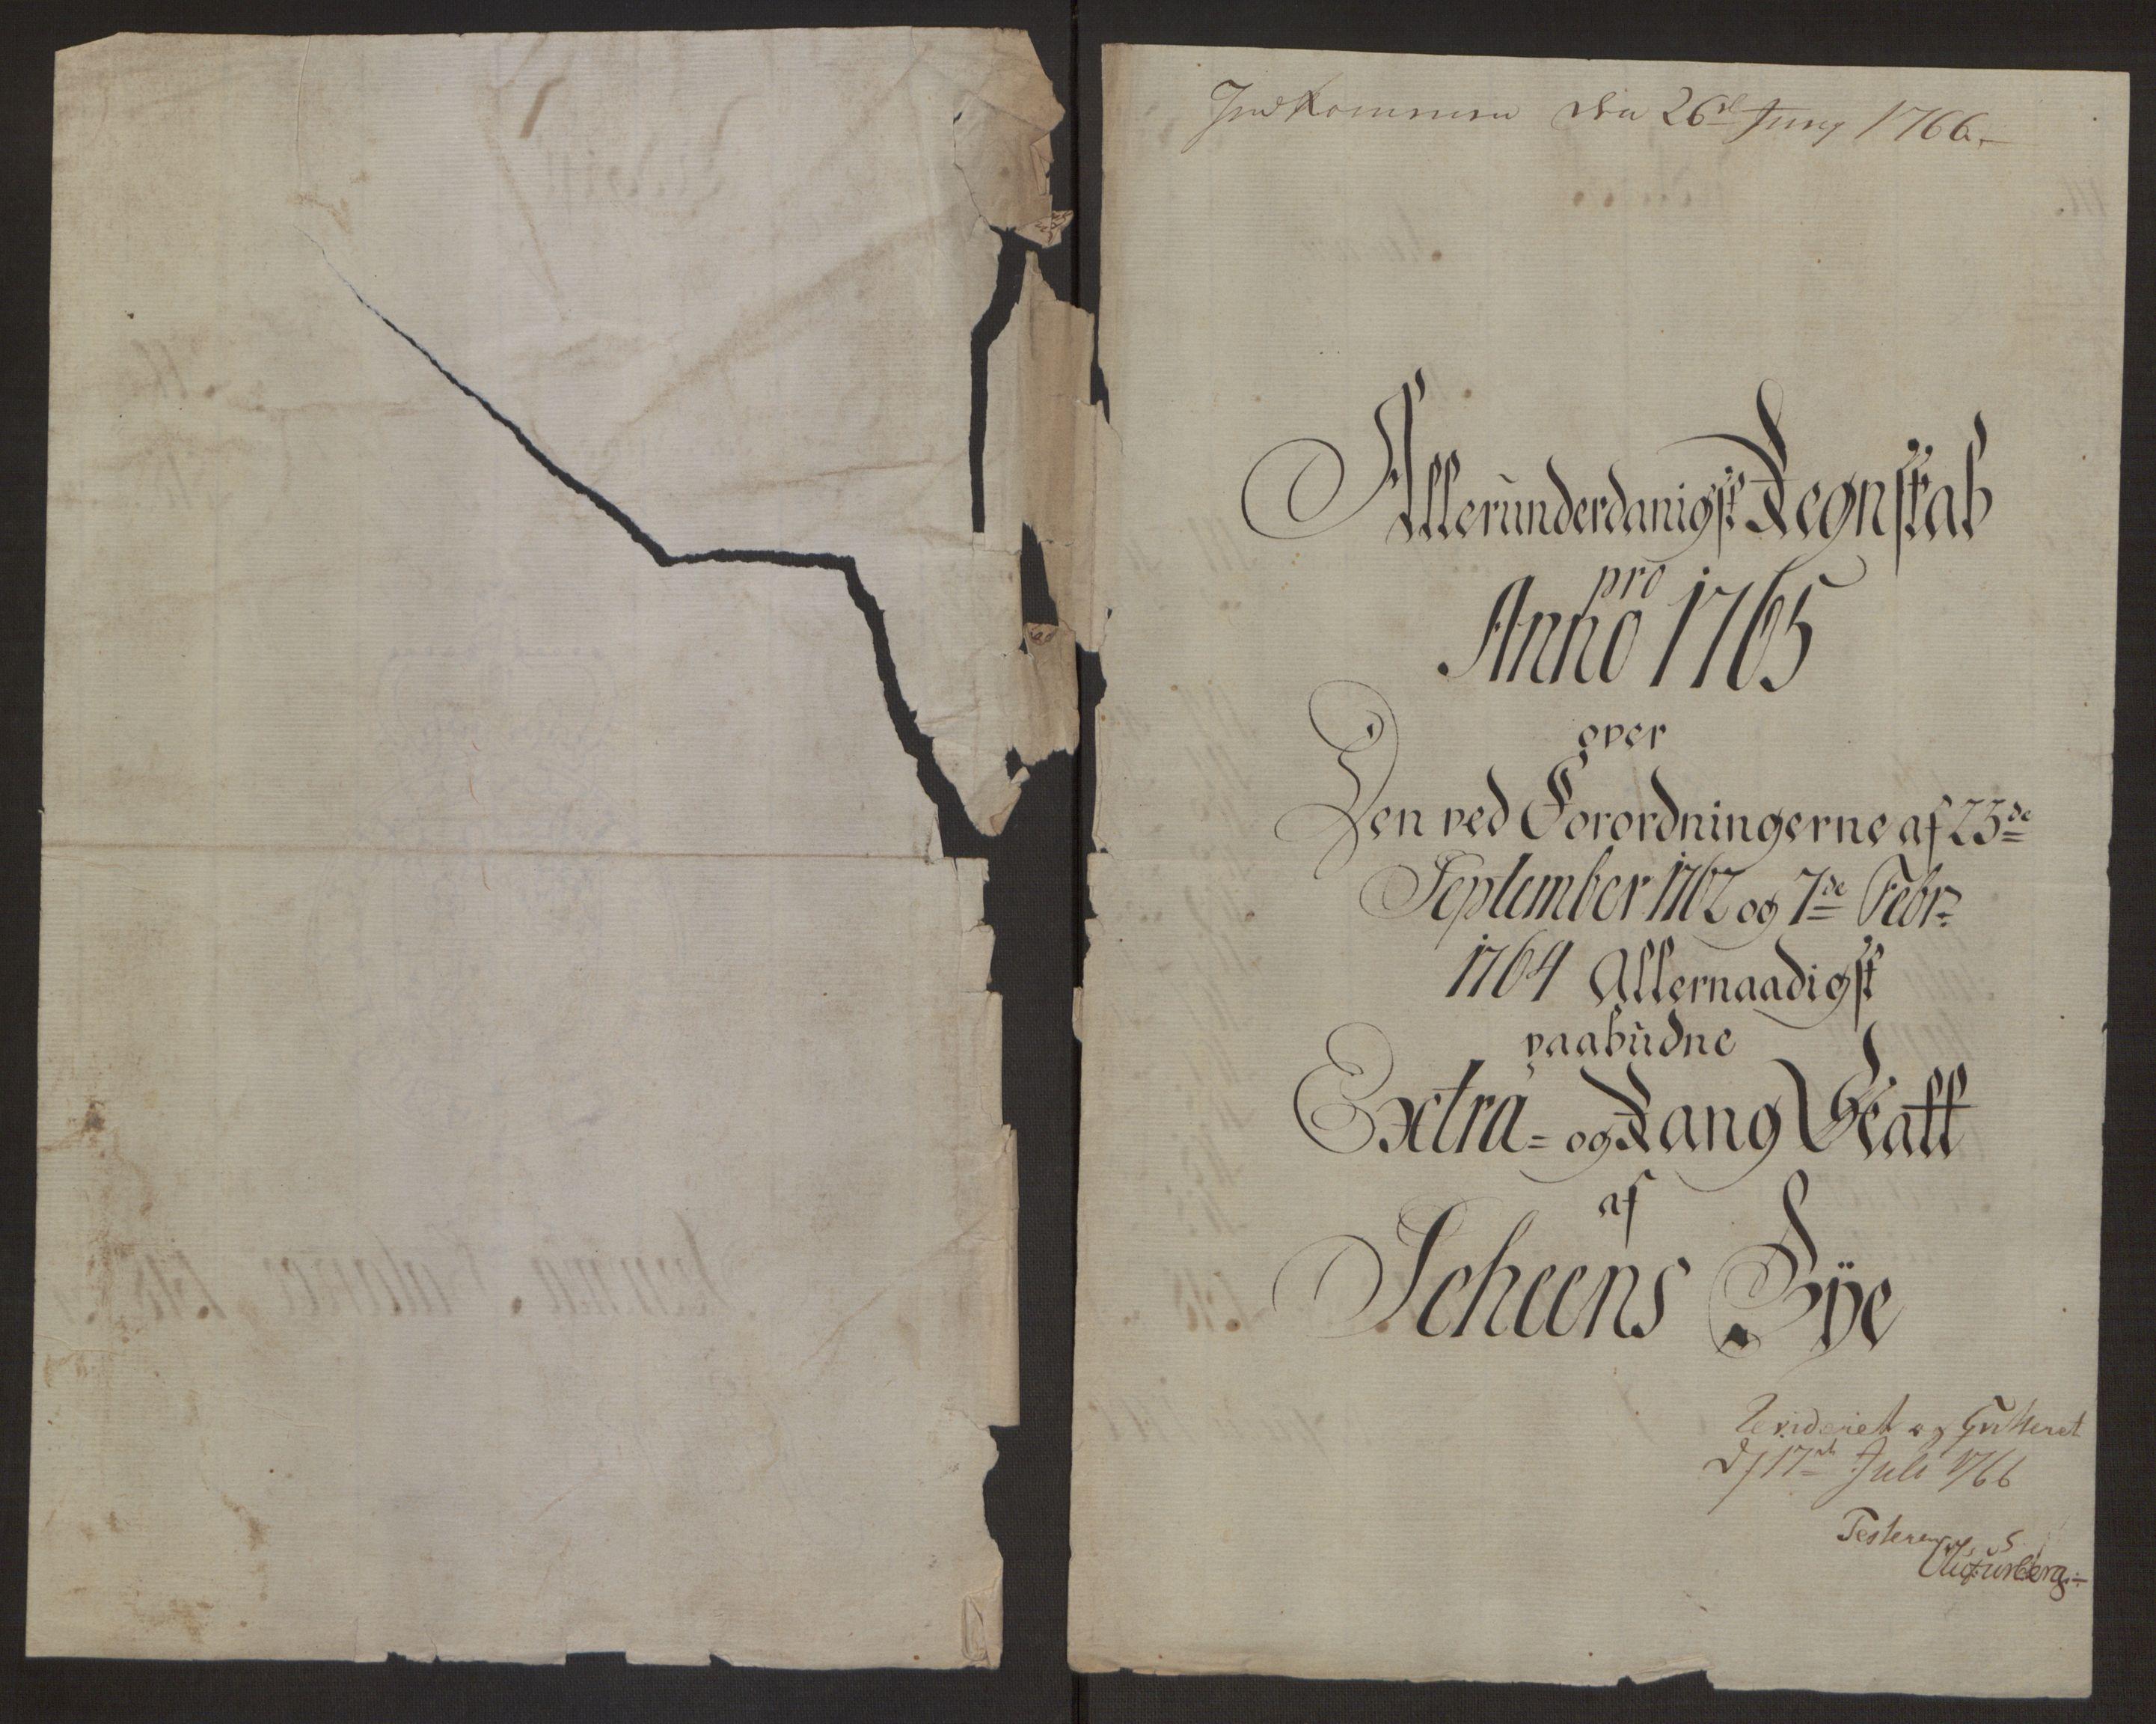 RA, Rentekammeret inntil 1814, Reviderte regnskaper, Byregnskaper, R/Rj/L0198: [J4] Kontribusjonsregnskap, 1762-1768, s. 318